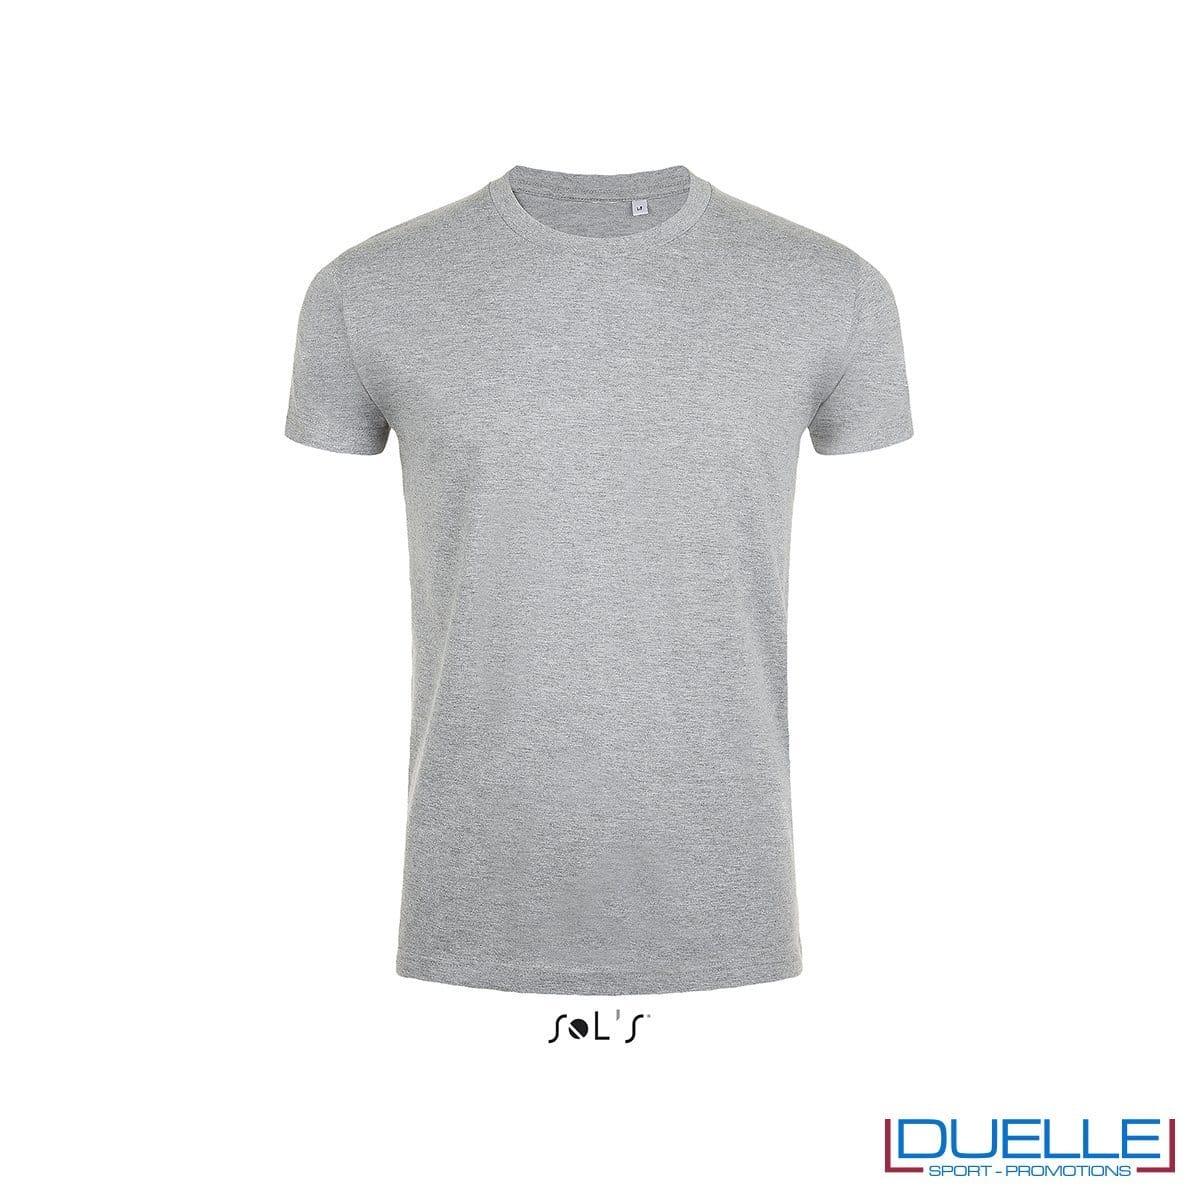 T-shirt slim fit uomo in cotone pesante colore grigio melange